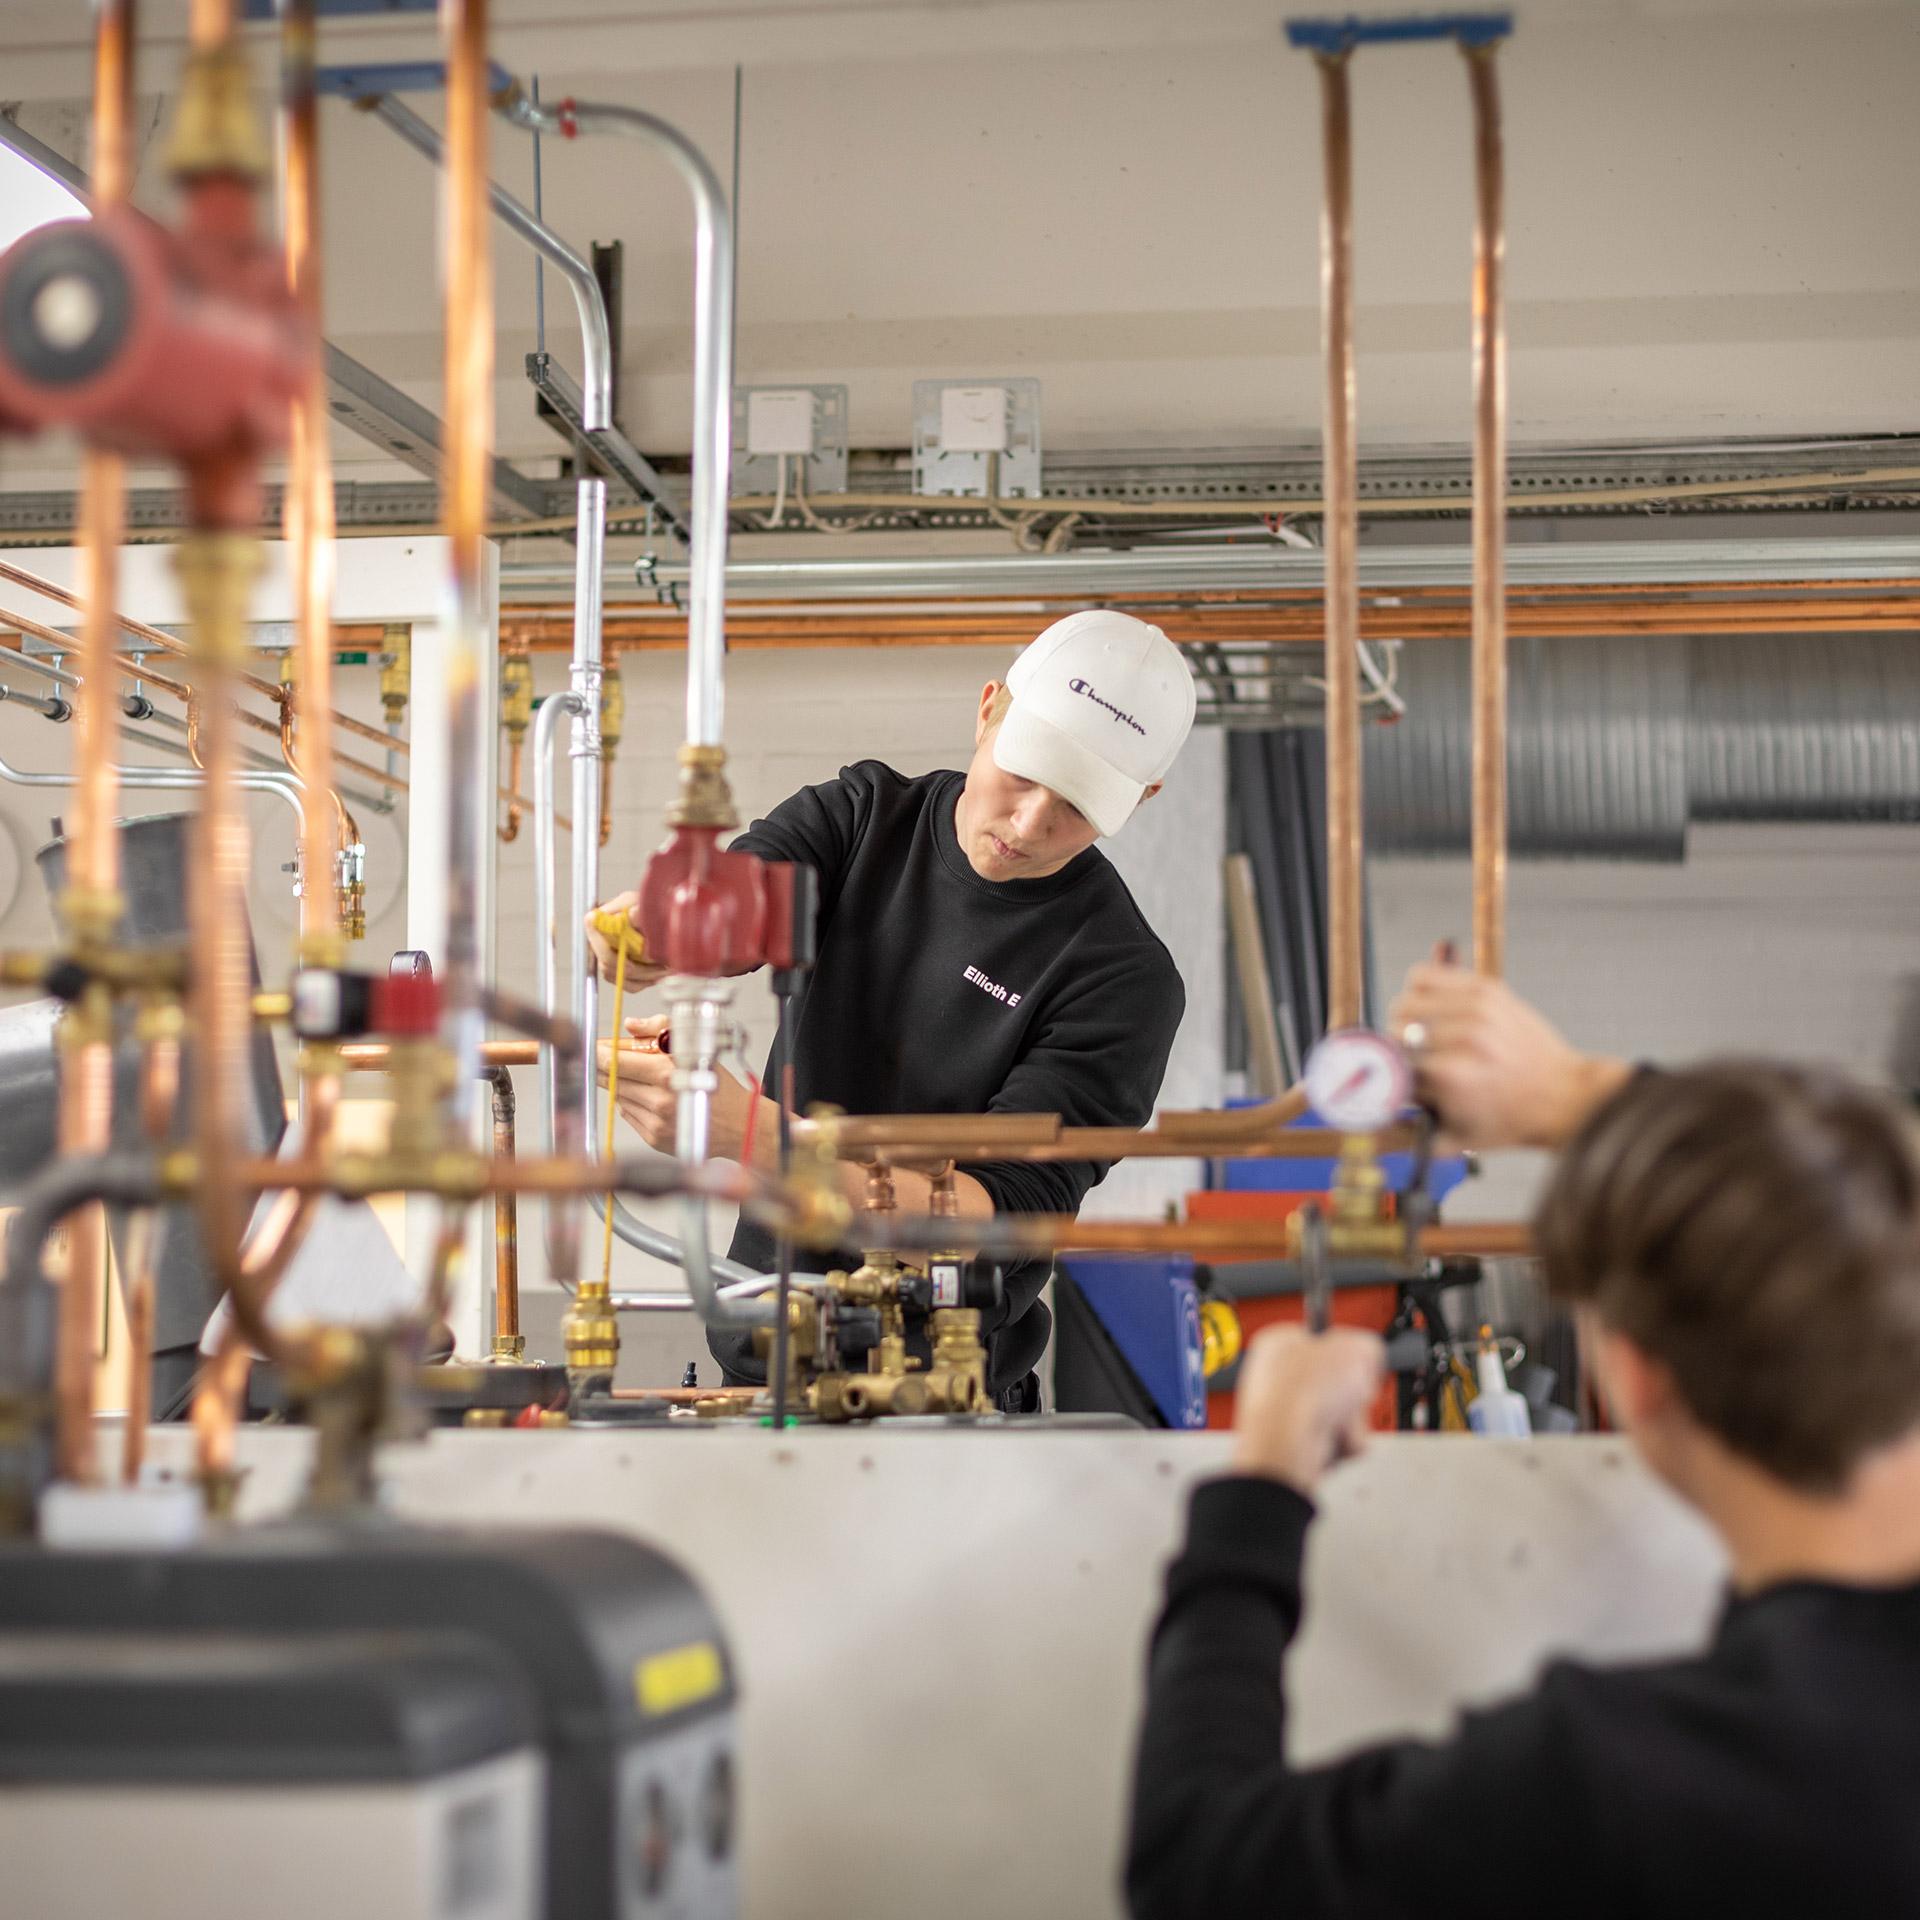 Två elever installerar en värmepanna.